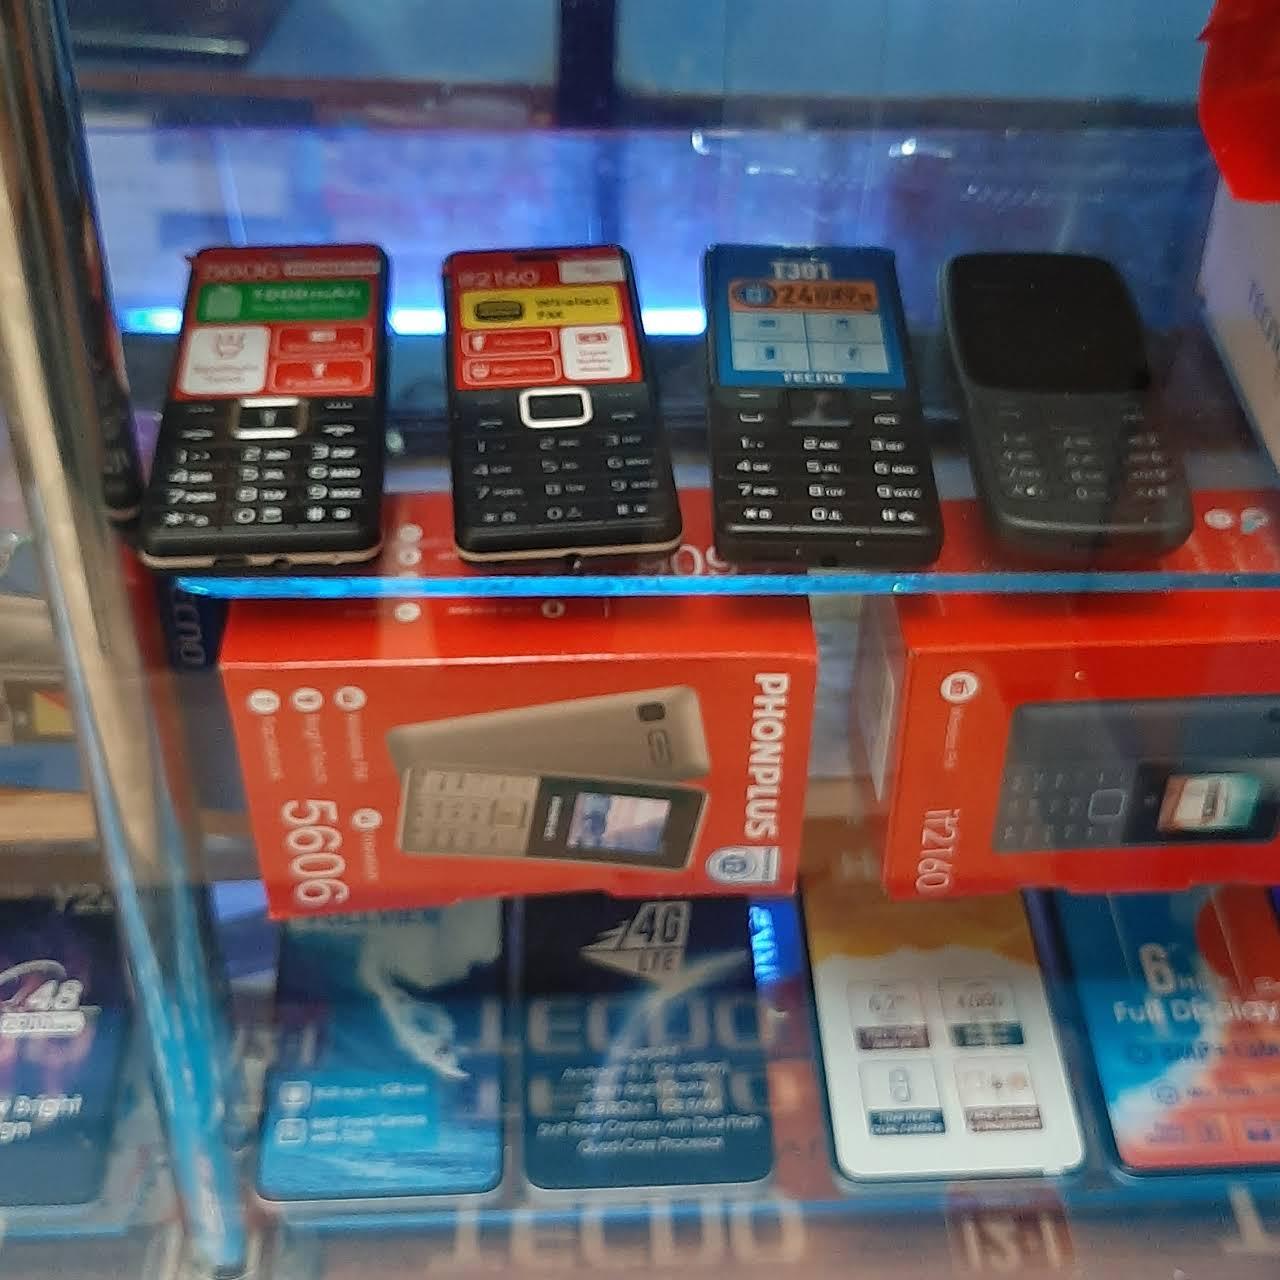 Linkcom Electronics Eldoret - Computer Store in Eldoret